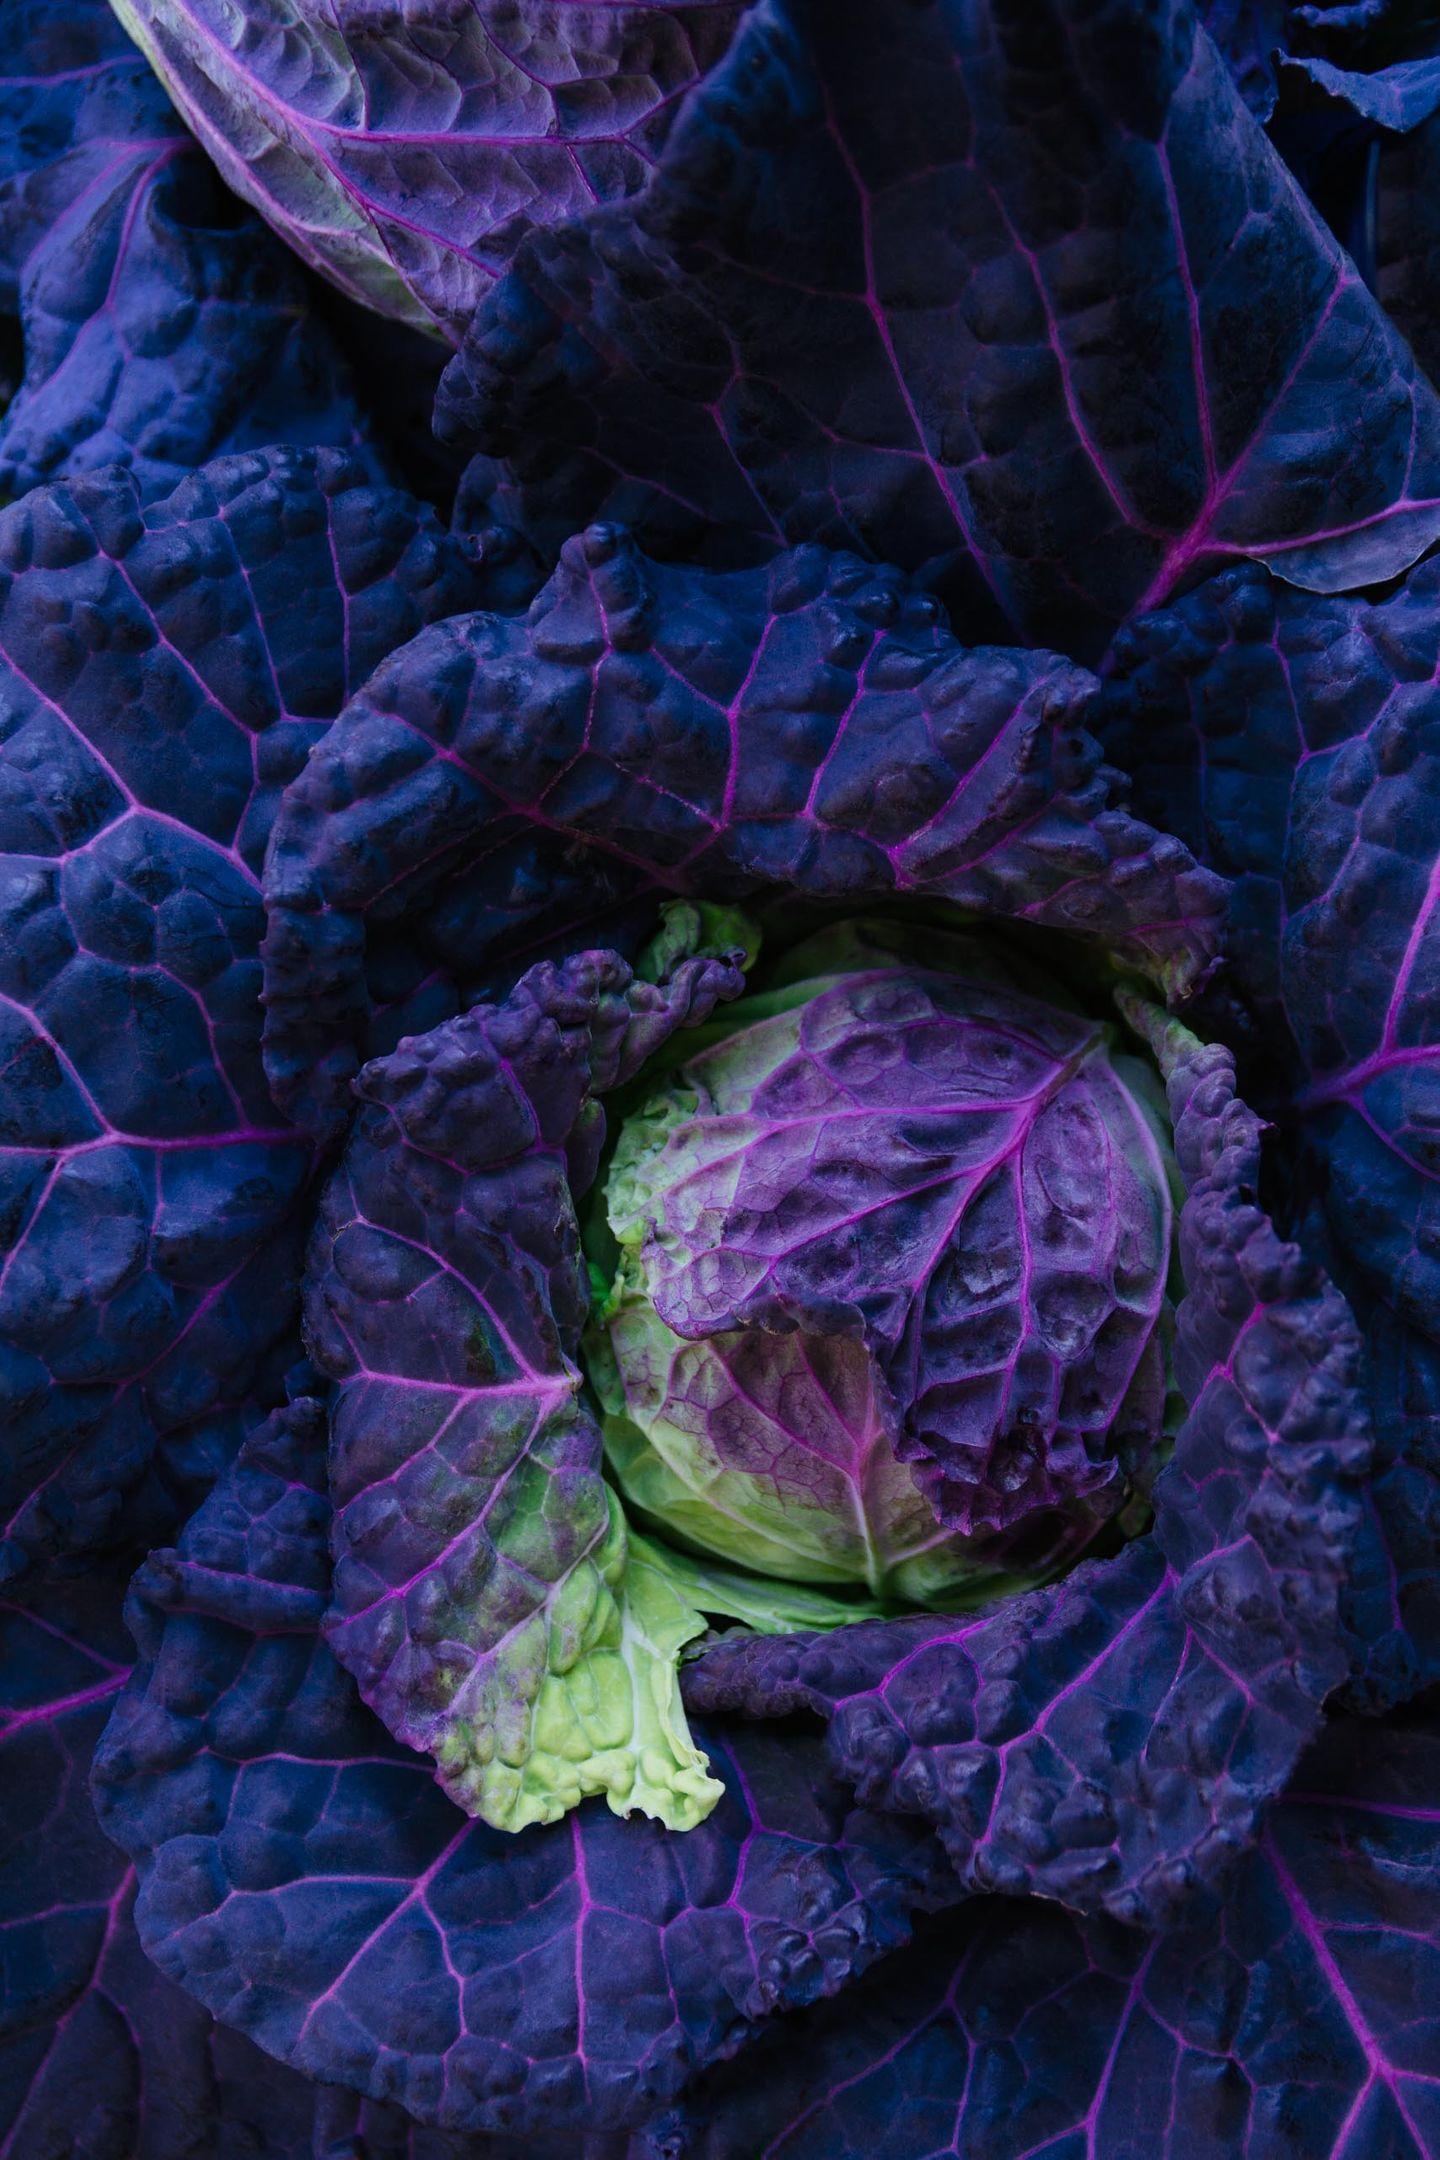 Fresh Purple San Michelle cabbage background